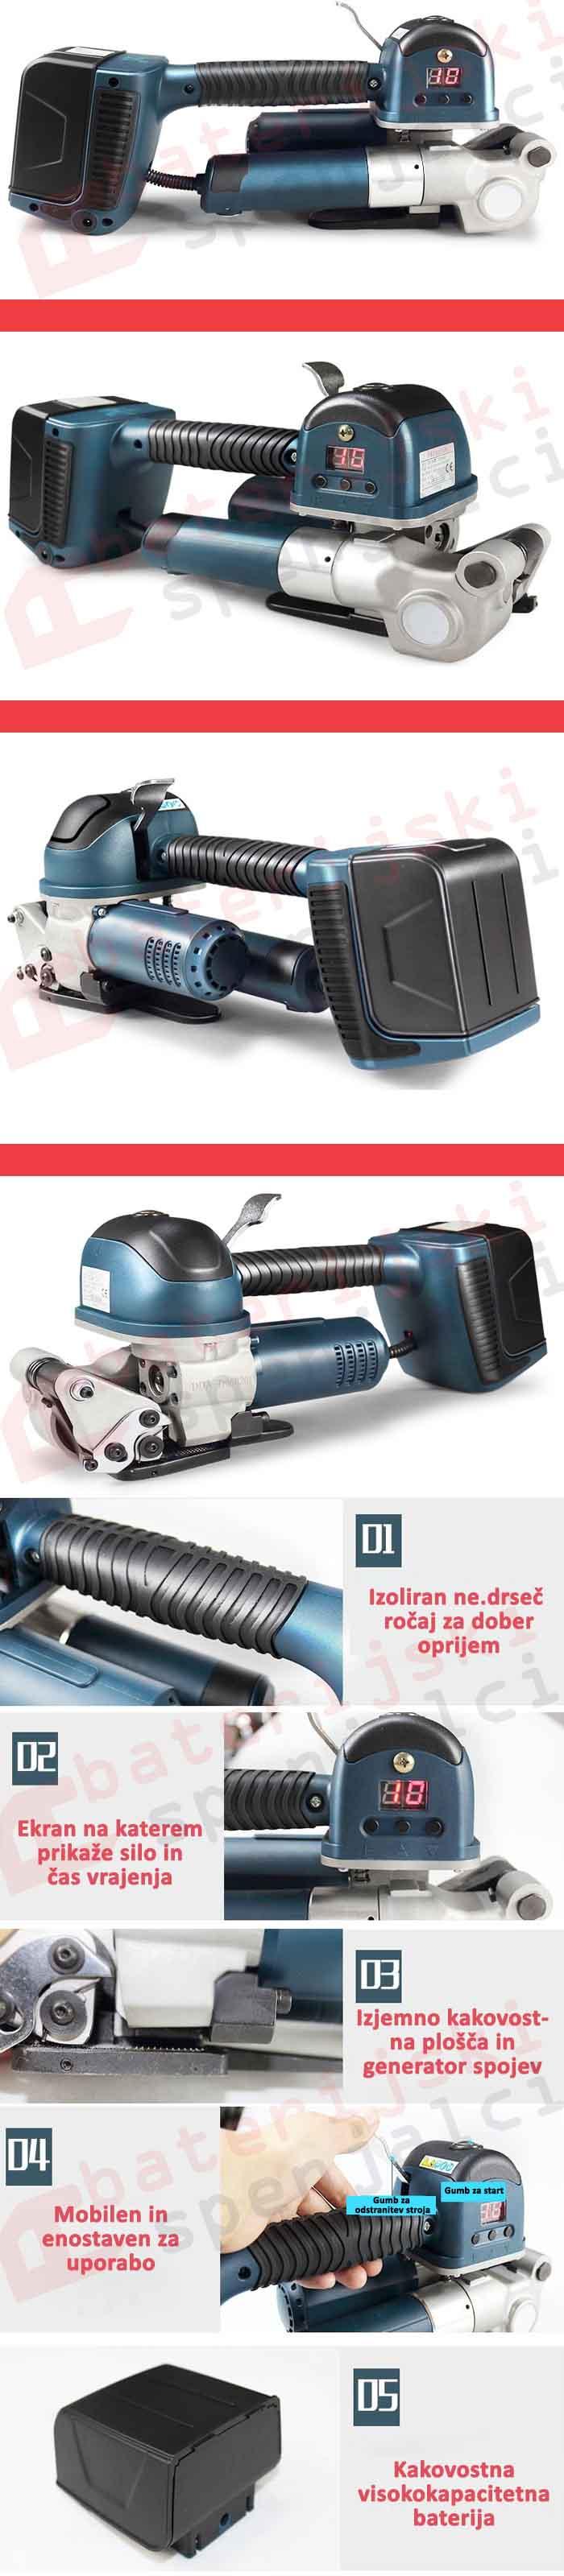 baterijskispenjalci.si Baterijski spenjalec TES Plus za PET trak 16-19mm pregled kvaliteten